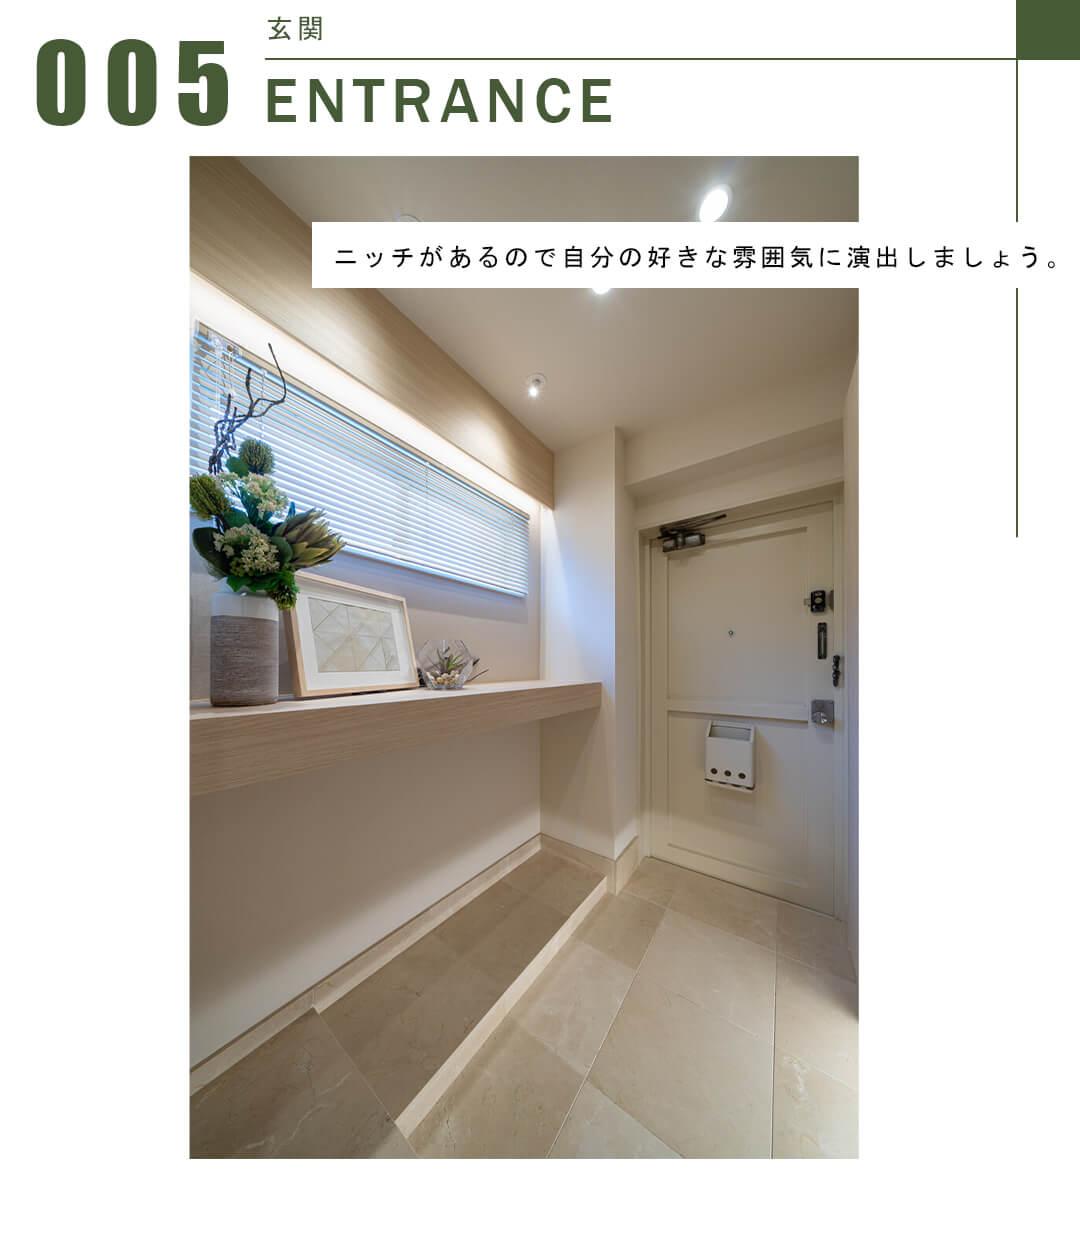 005玄関,ENTRANCE